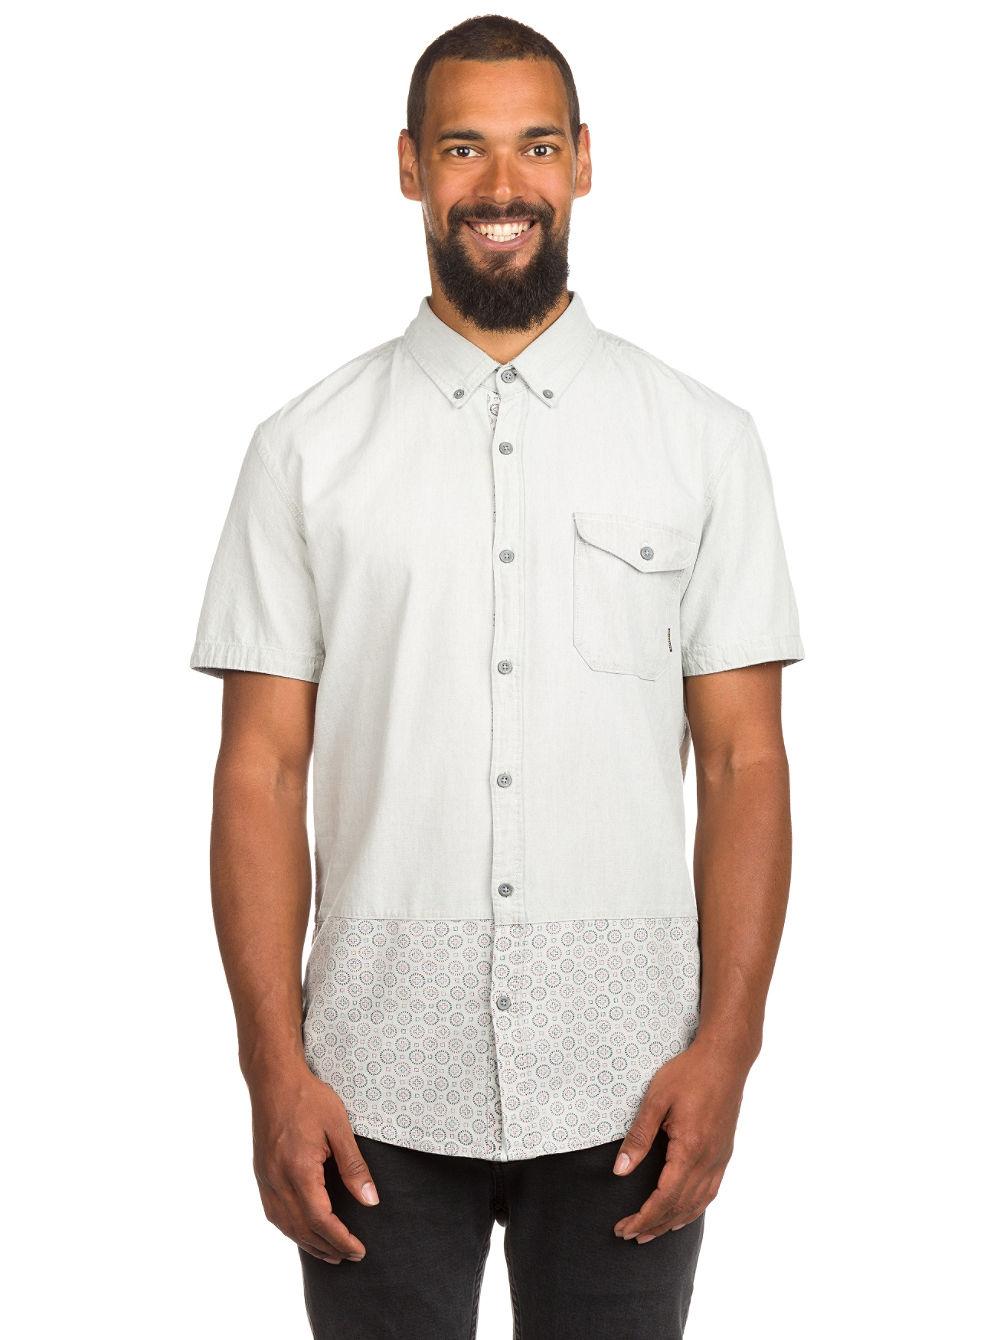 quiksilver-webster-flows-shirt